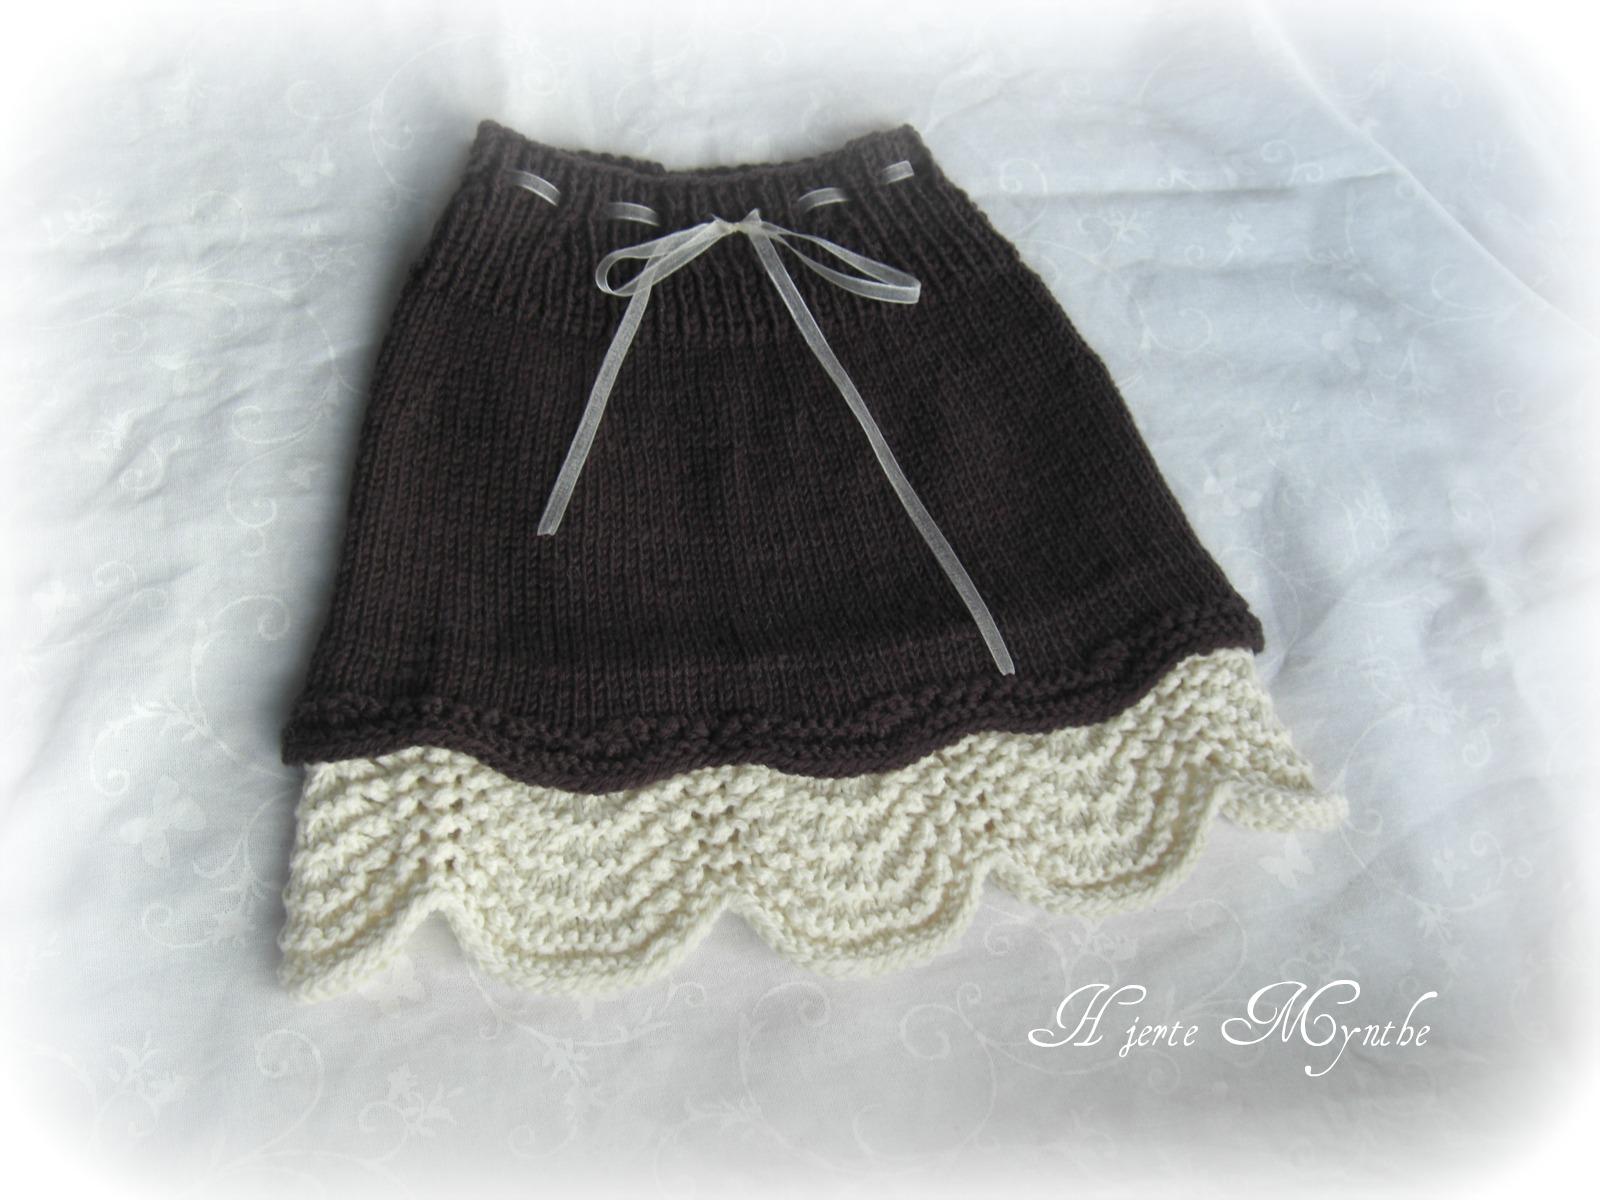 norsk nettside kjole Kongsvinger